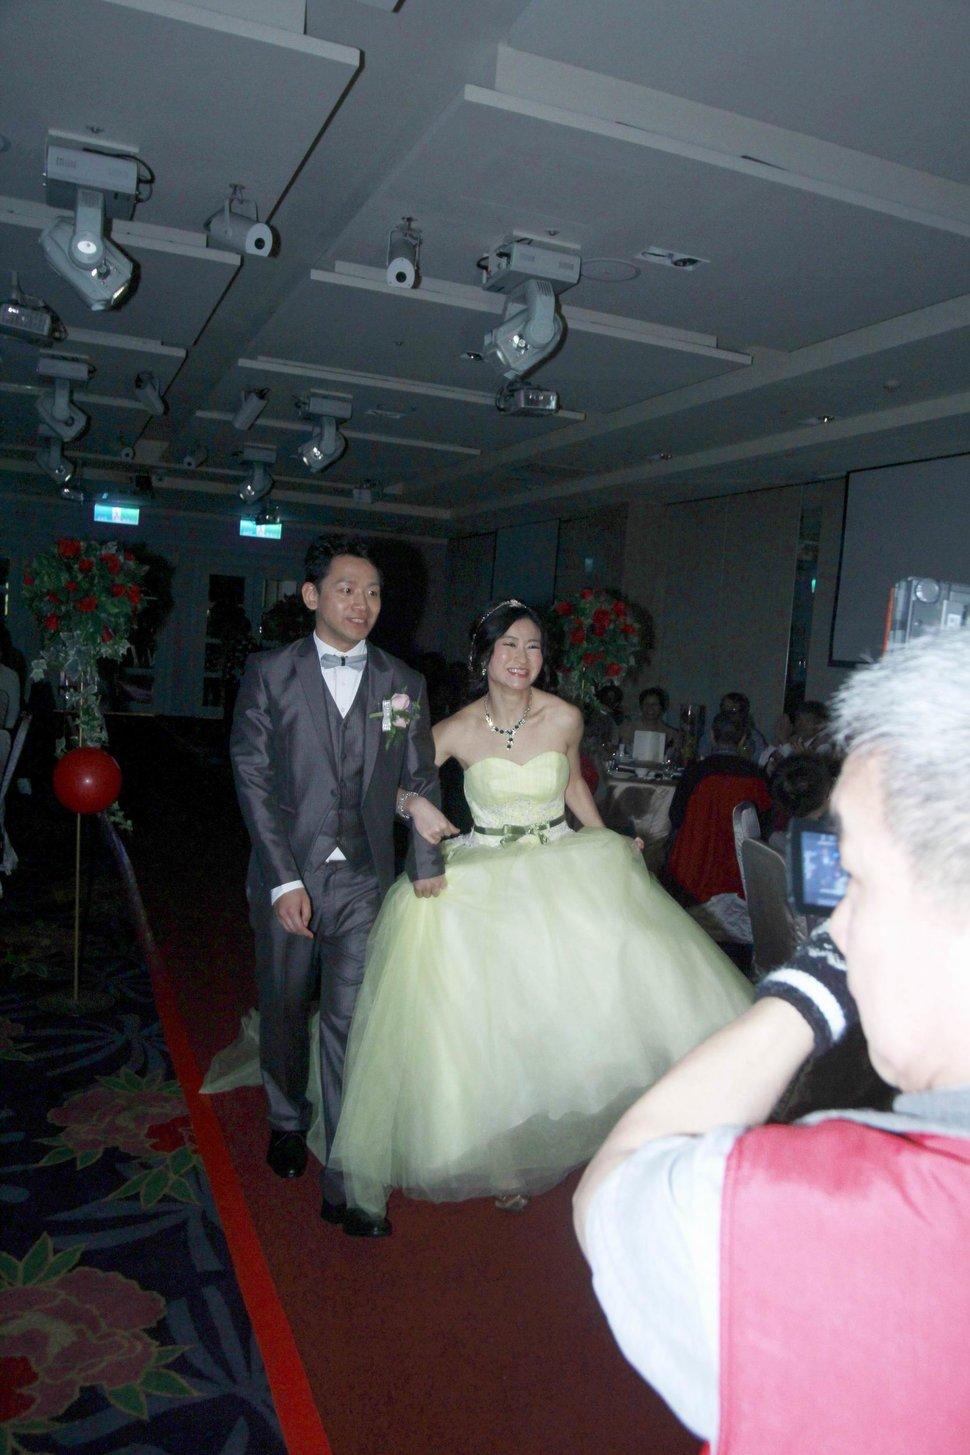 汐止那米哥餐廳婚宴會館餐廳婚攝j婚錄結婚迎娶婚禮記錄動態微電影錄影專業錄影平面攝影婚禮紀錄婚攝婚錄主持人(編號:280707) - 蜜月拍照10800錄影12800攝影團隊 - 結婚吧